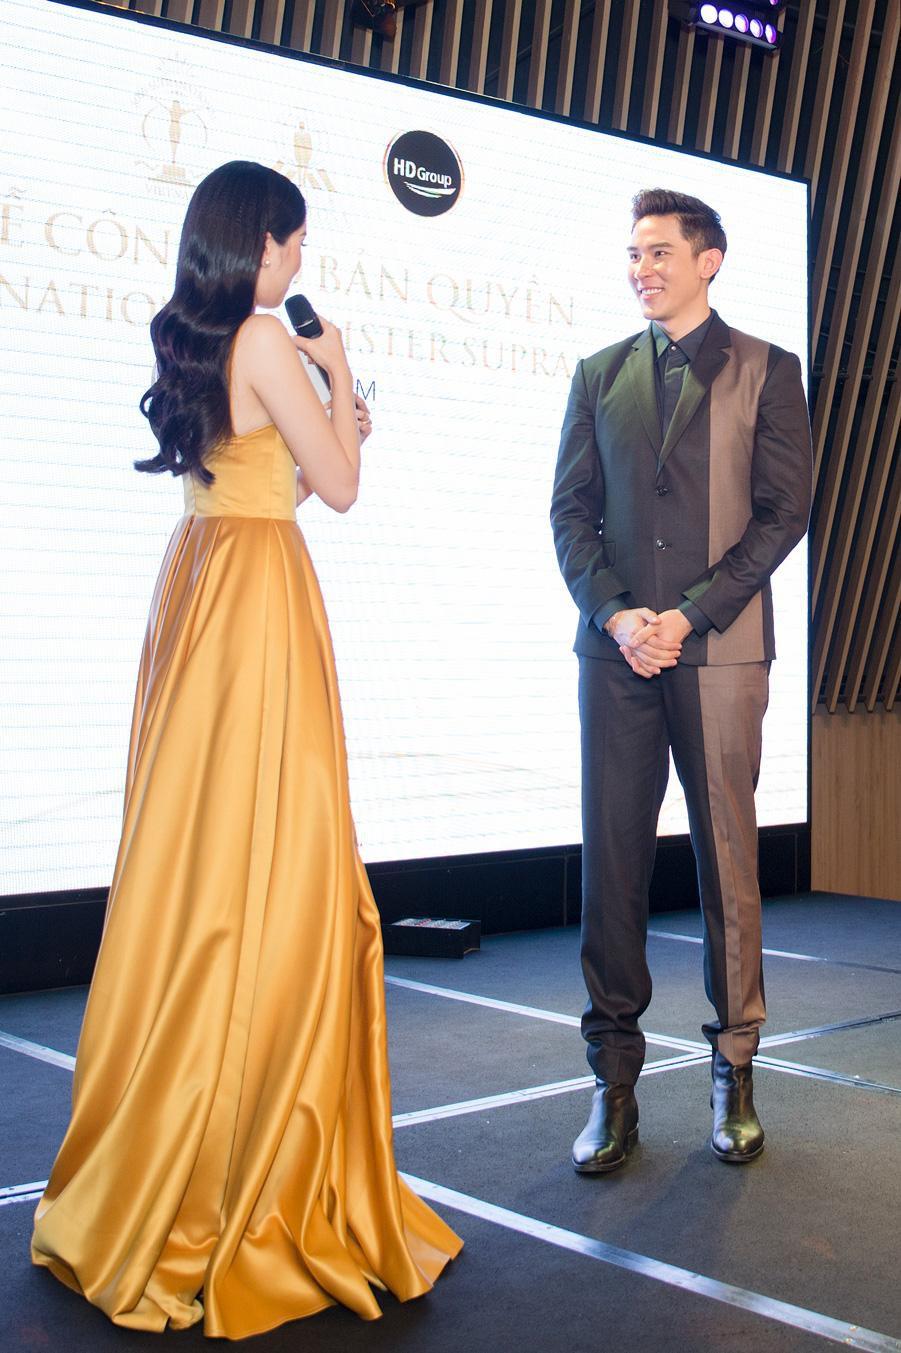 Siêu mẫu Minh Trung được bổ nhiệm làm giám đốc quốc gia Mister Supranational - Ảnh 2.